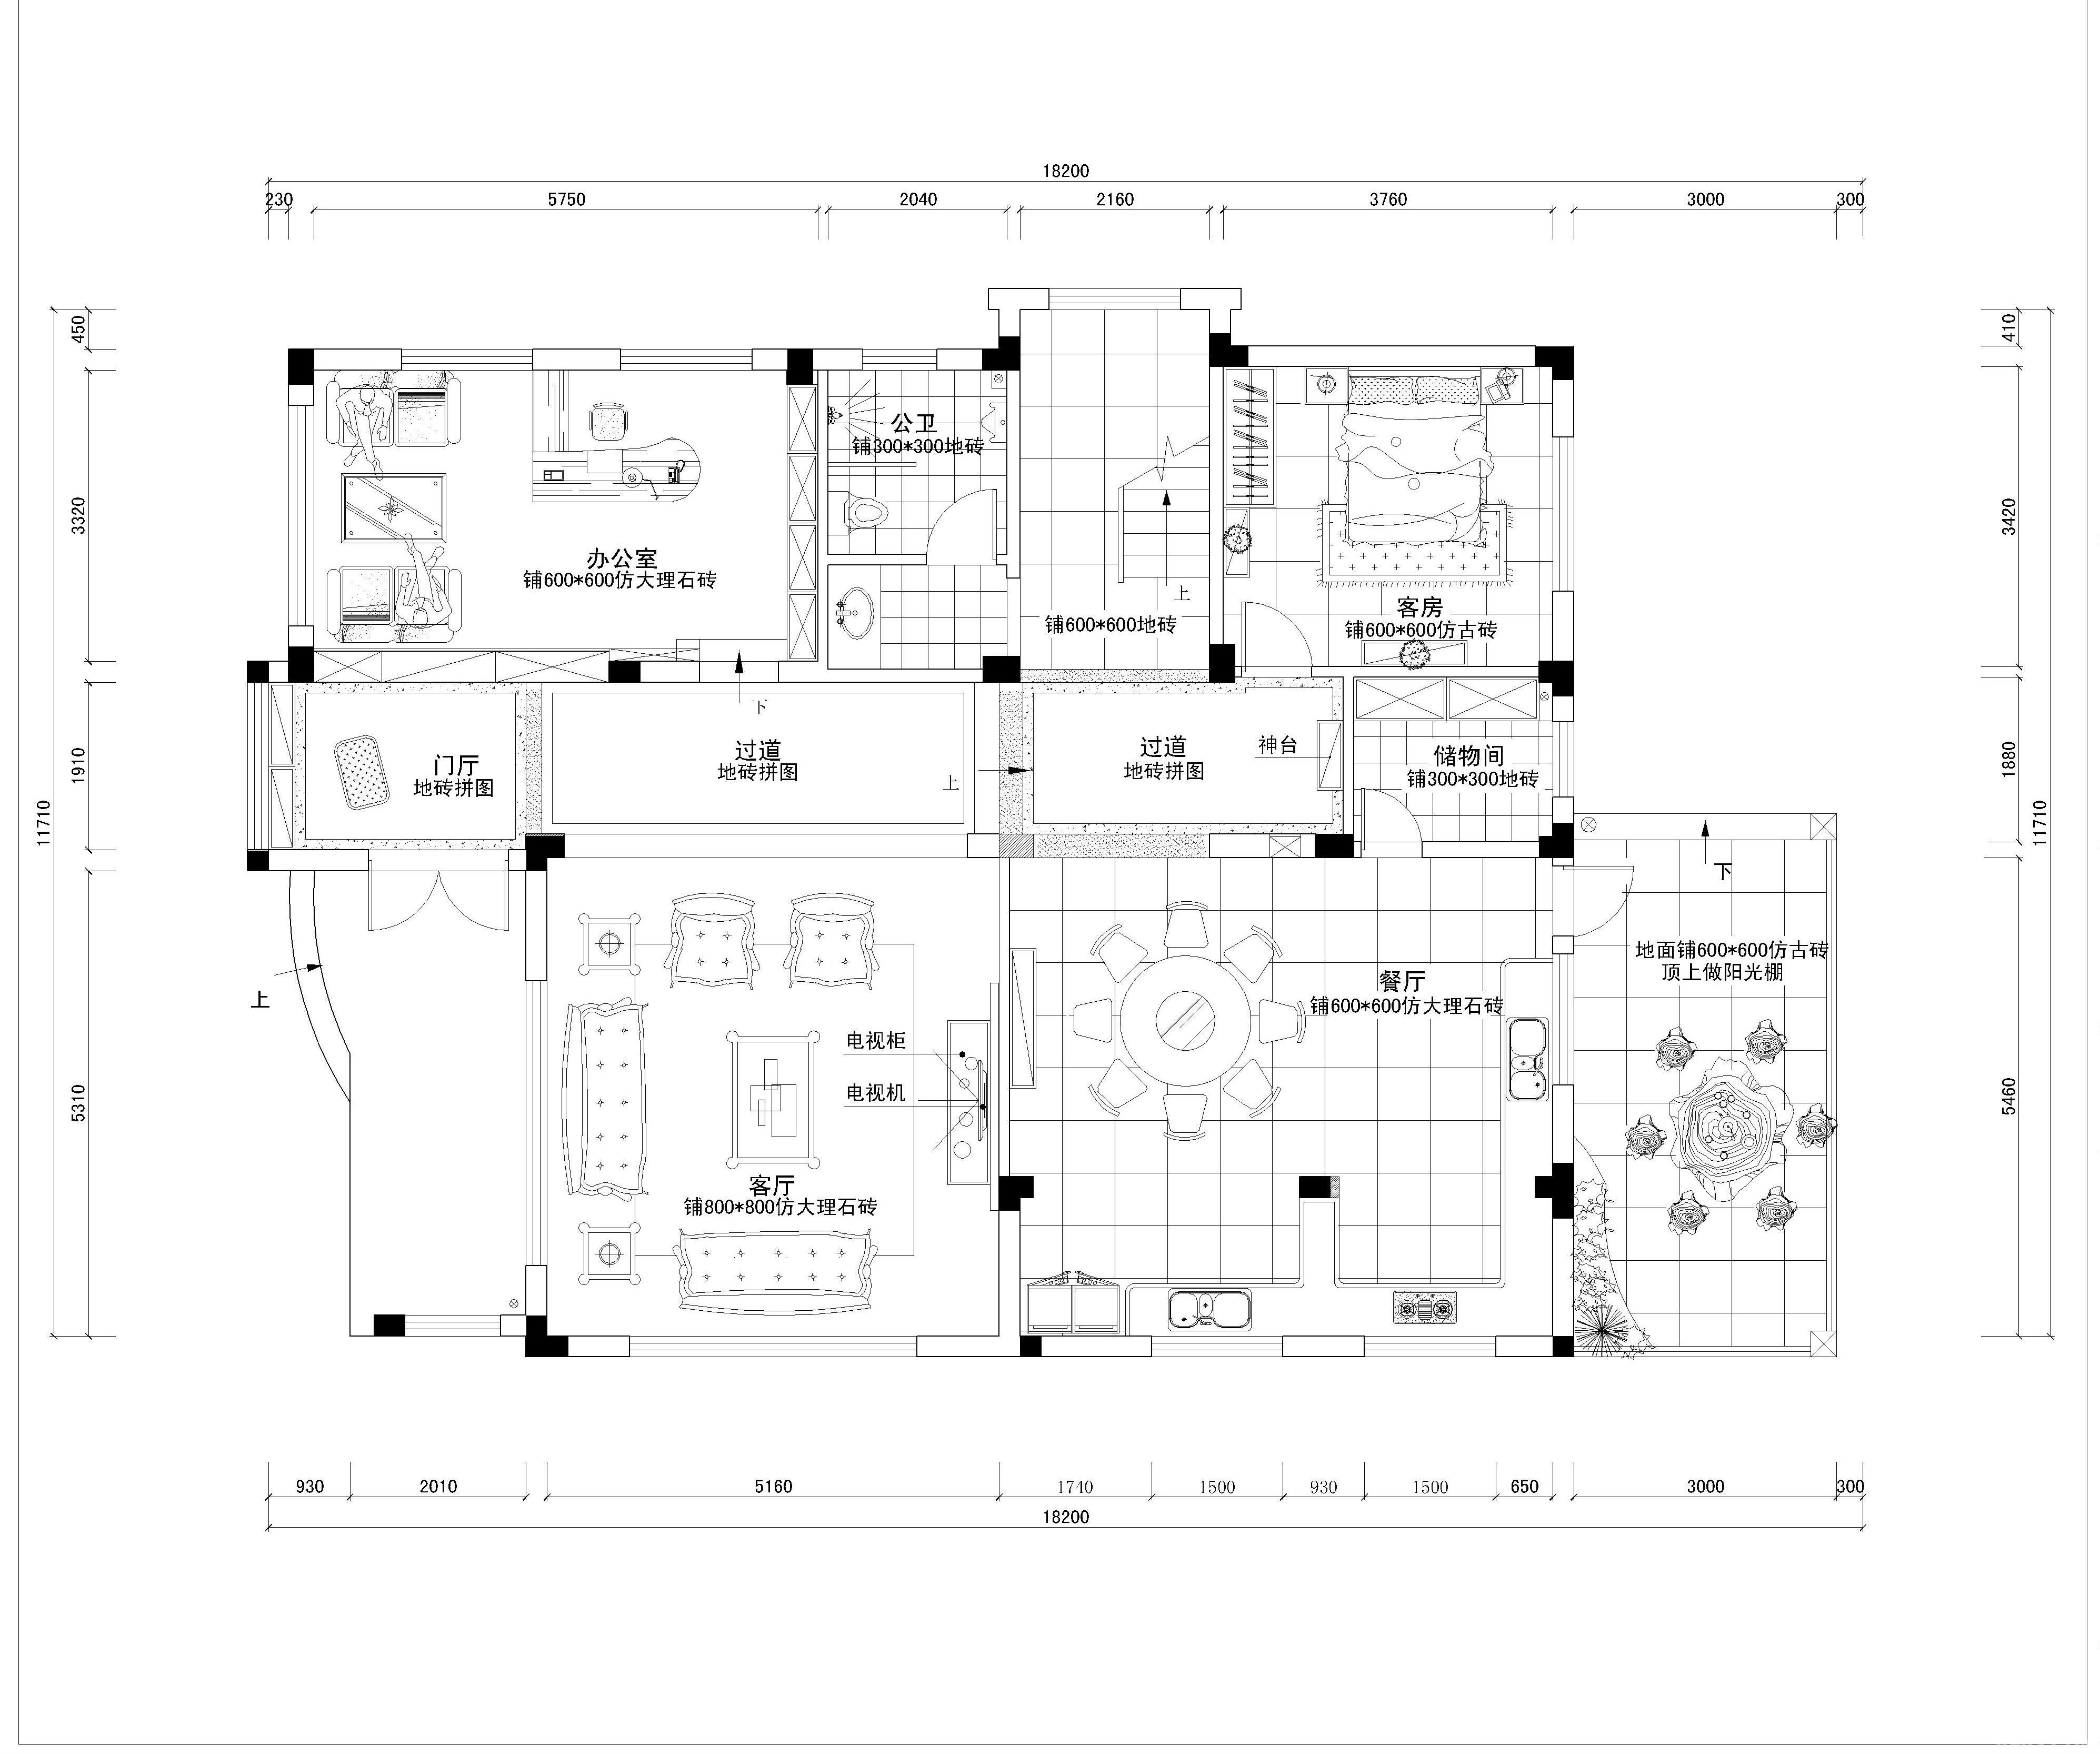 设计师: 杨 峻 项目名称: 中国.广西壮族自治区八桂绿城刘总别墅 项目面积: 约540 主要材料:木地板、喷漆、壁纸、、玻璃、石材、石英砖/仿古砖 别墅的定义早已超越外在美和功能的层次,使用者的观感享受跟美学同样重要。在设计豪宅的居住空间时,我们需要从三方面去思考,包括空间的舒适度、活力和健康的居住环境。 要营造一个舒适的家,我们必须先清楚地了解自己的生活模式和生活态度。今天的设计不再受制于过去的功能需要,世界发展一日千里,设计亦需要与时俱进,以切合现今社会人类的新生活方式。简而言之,豪宅设计与户主的活